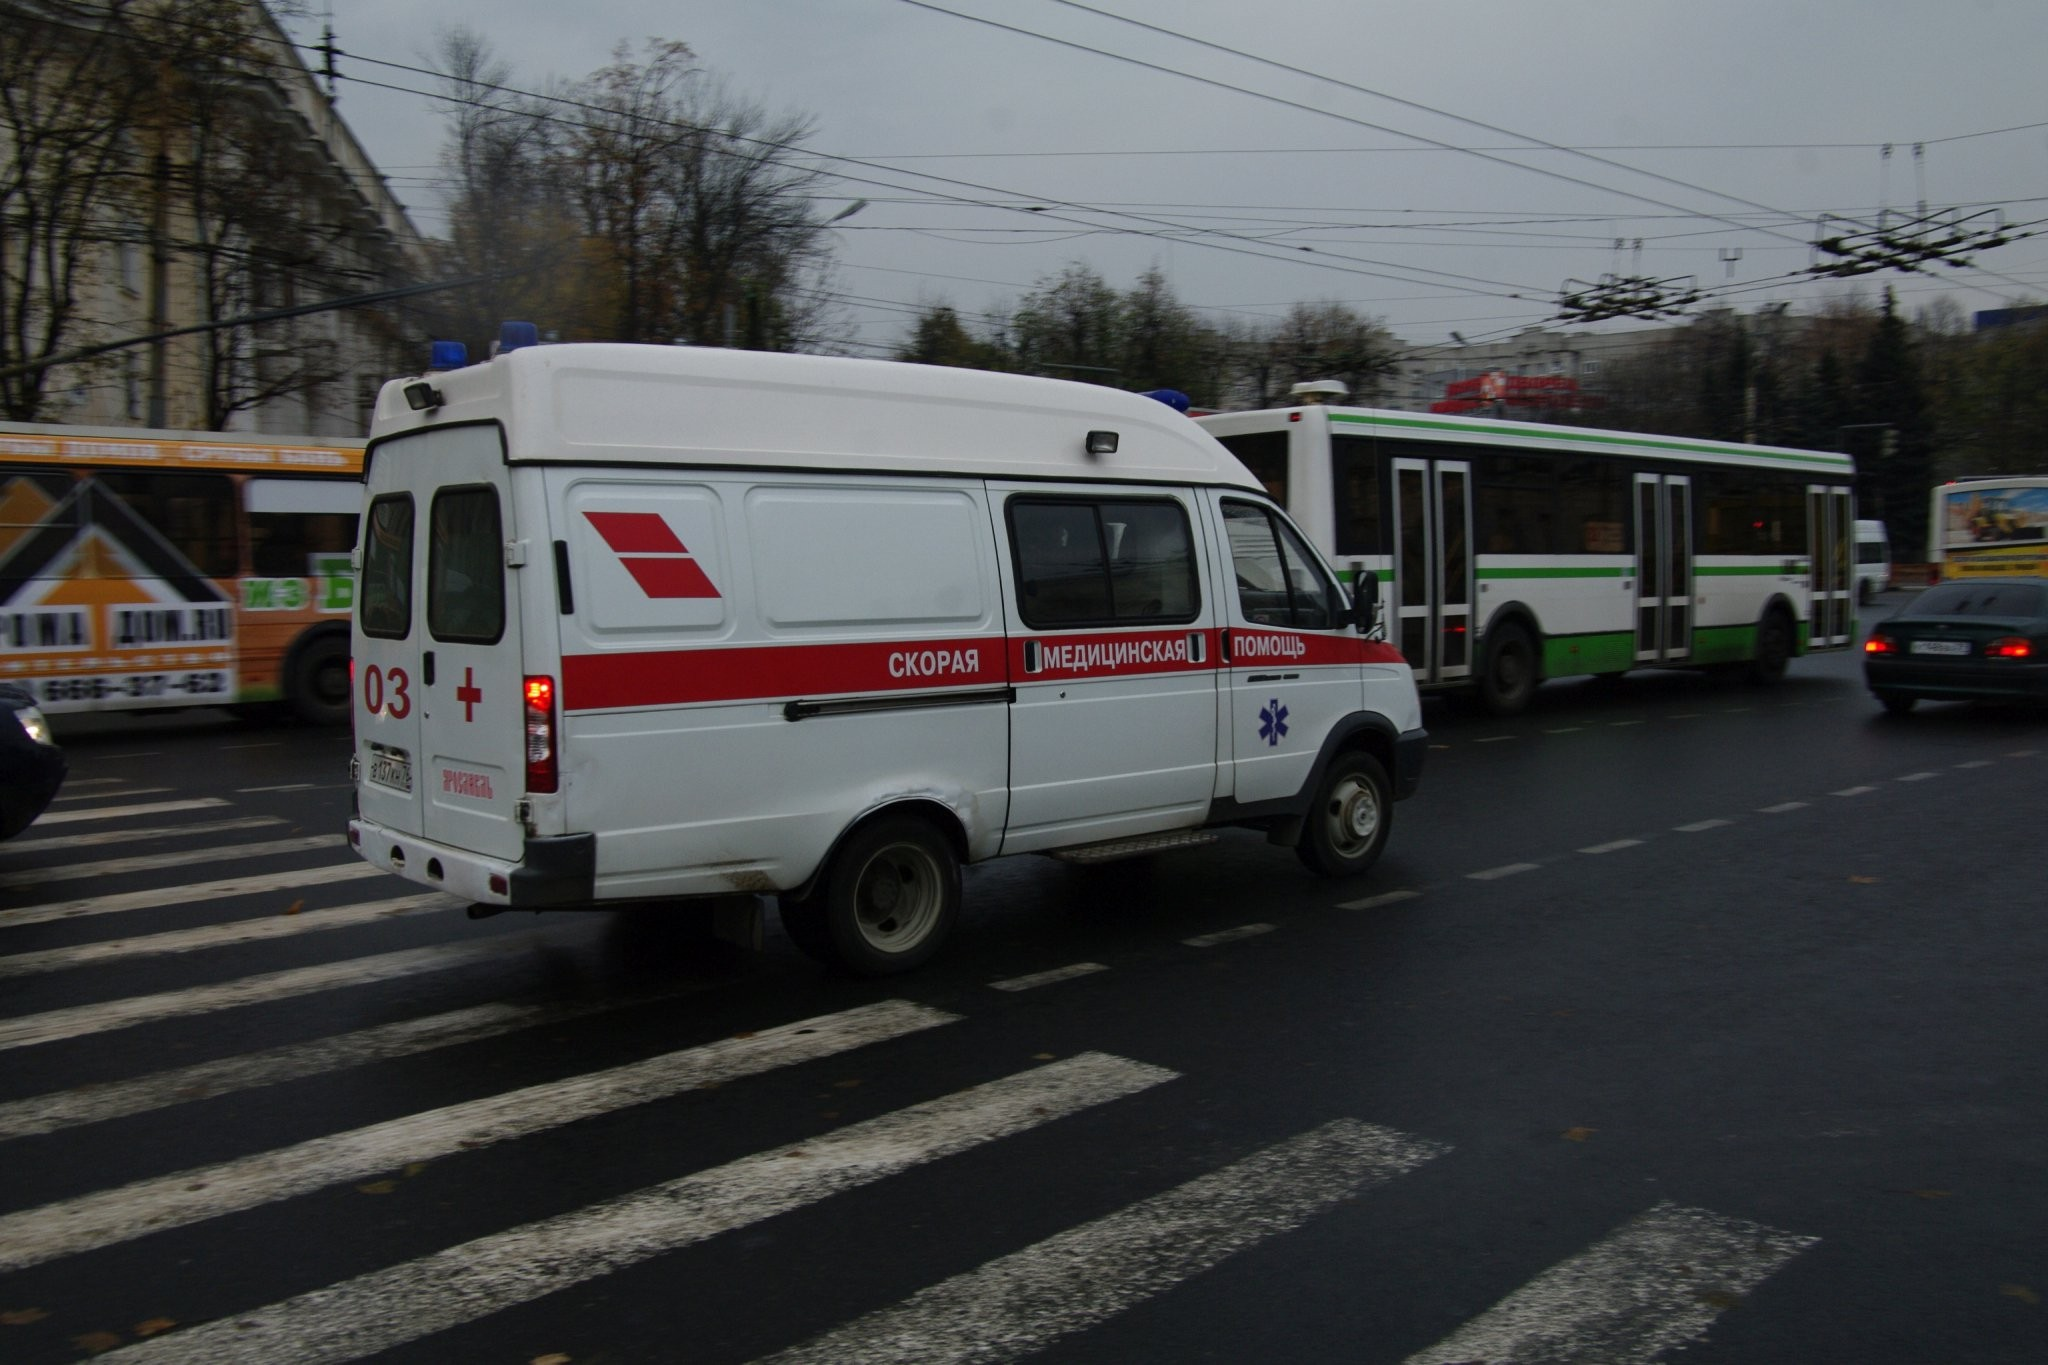 Шофёр автобуса насмерть сбил мужчину напешеходном переходе вАнгарске